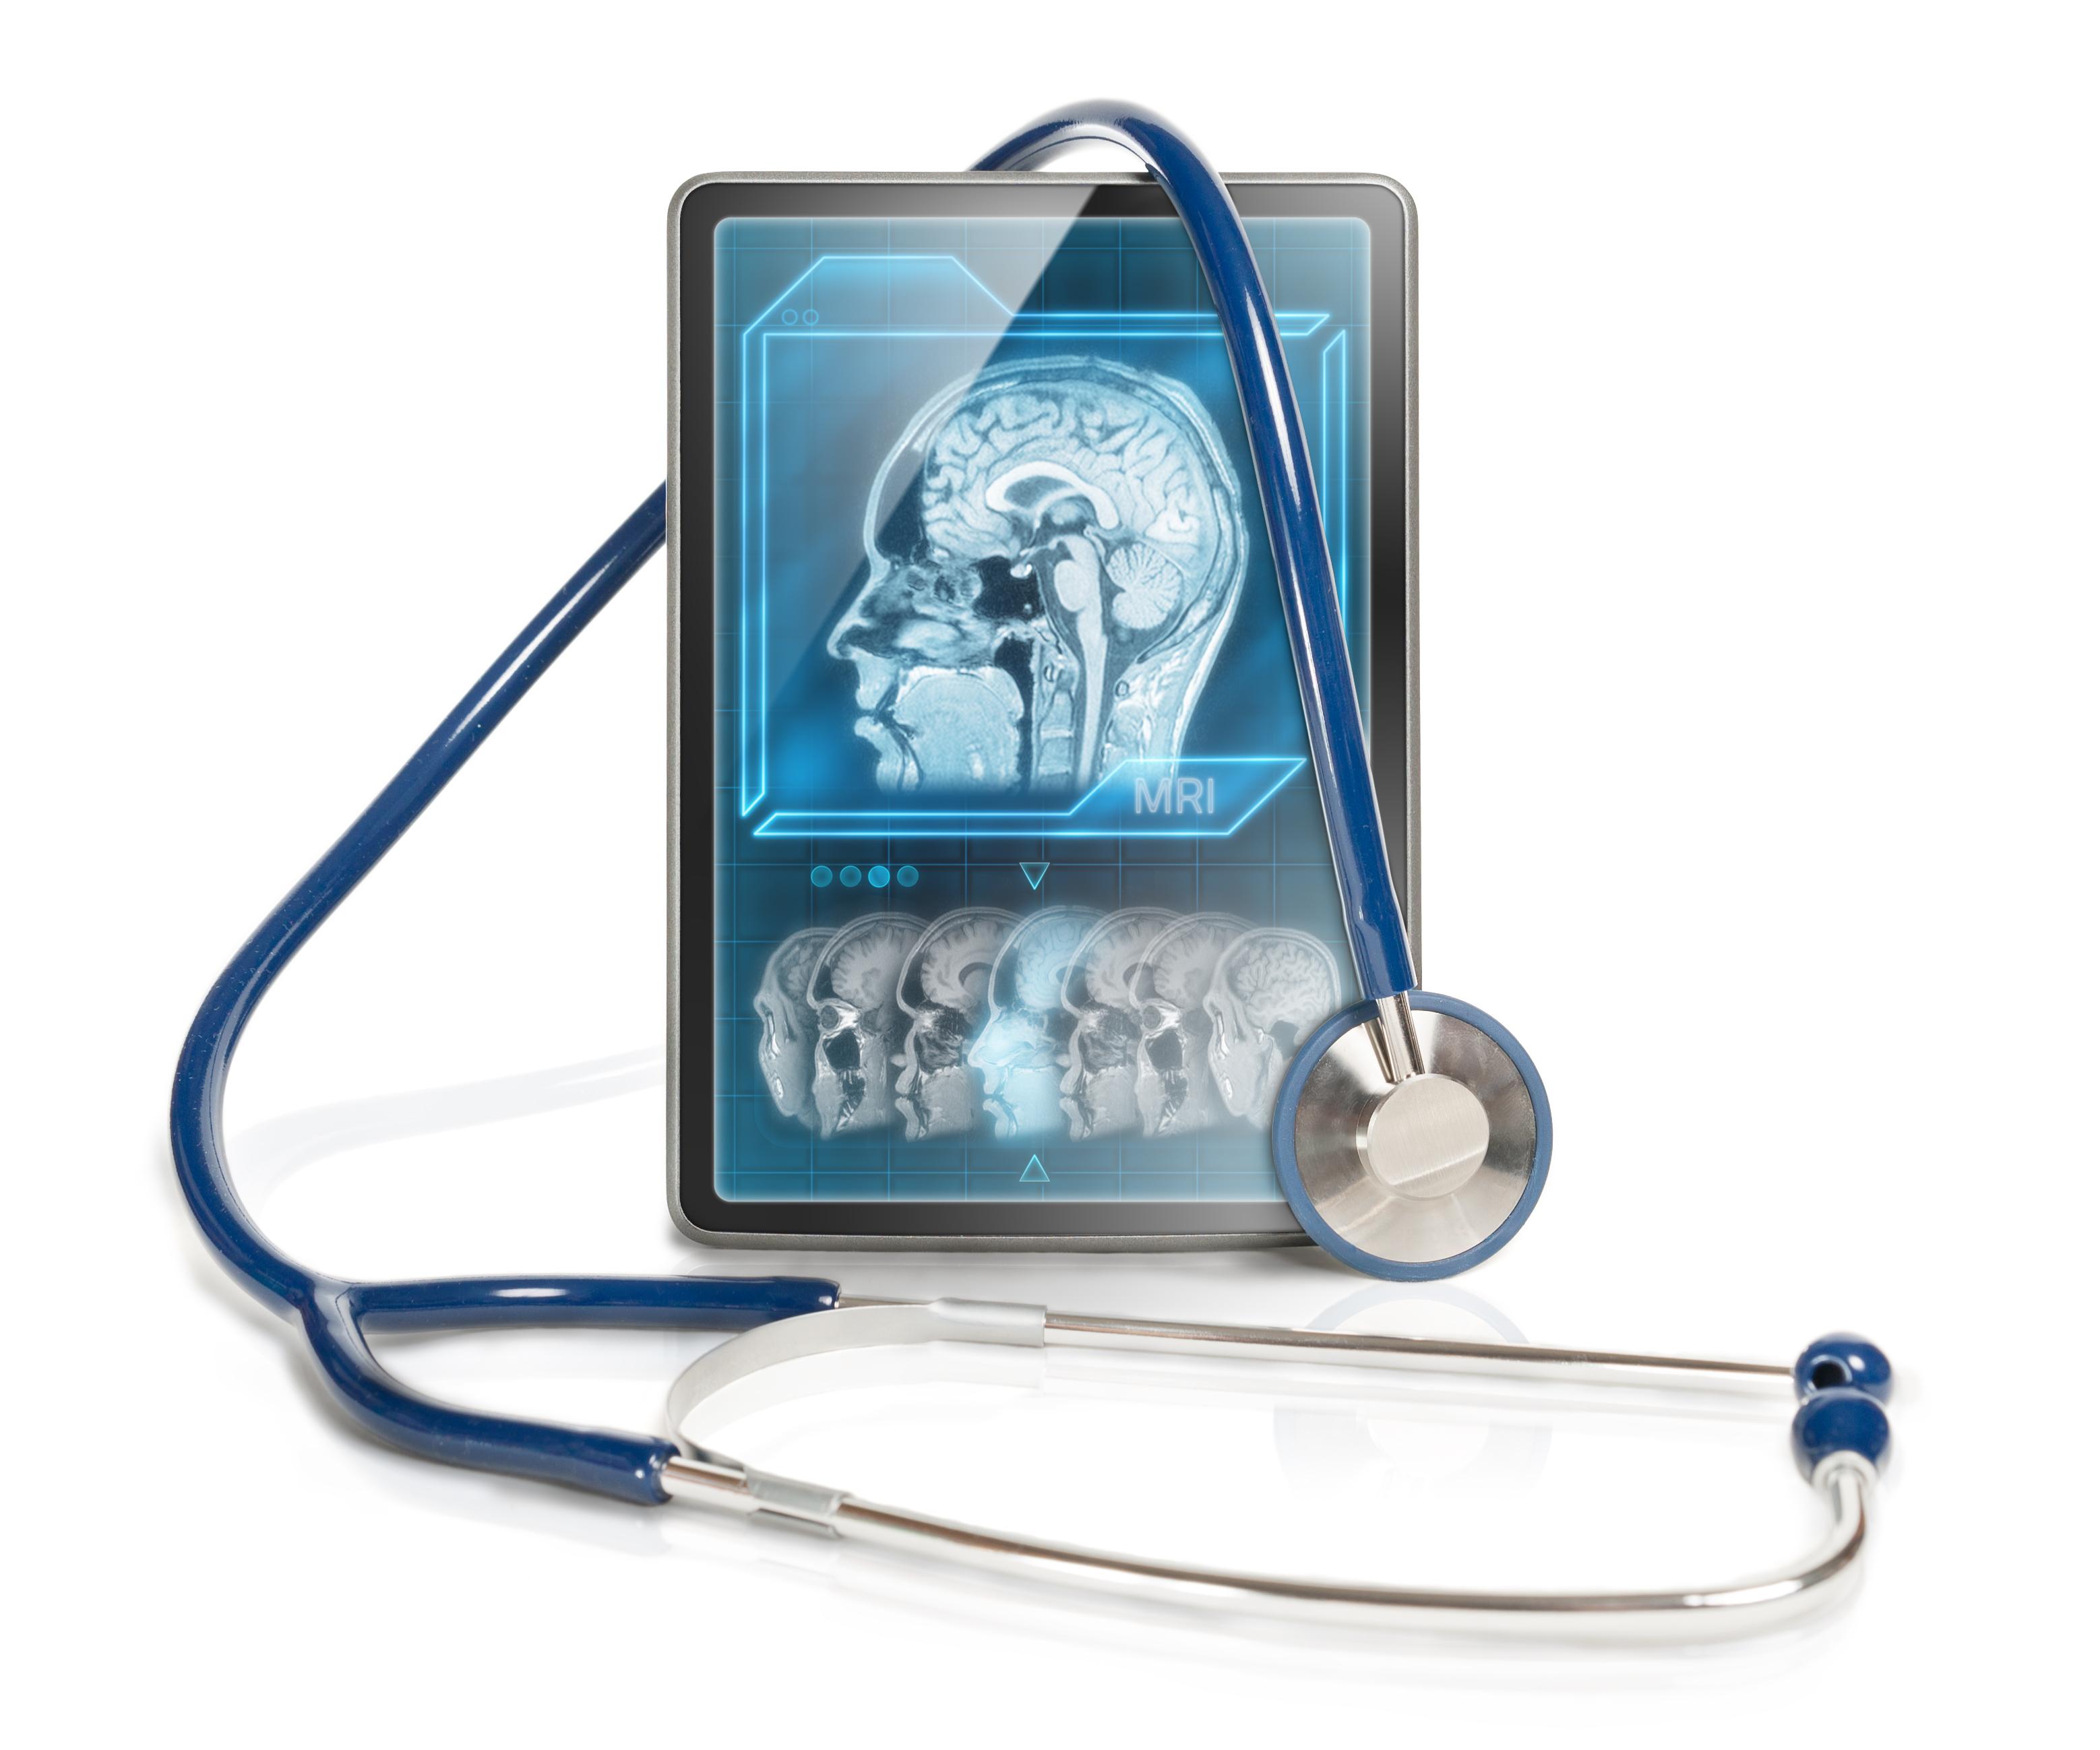 Diagnostics 3